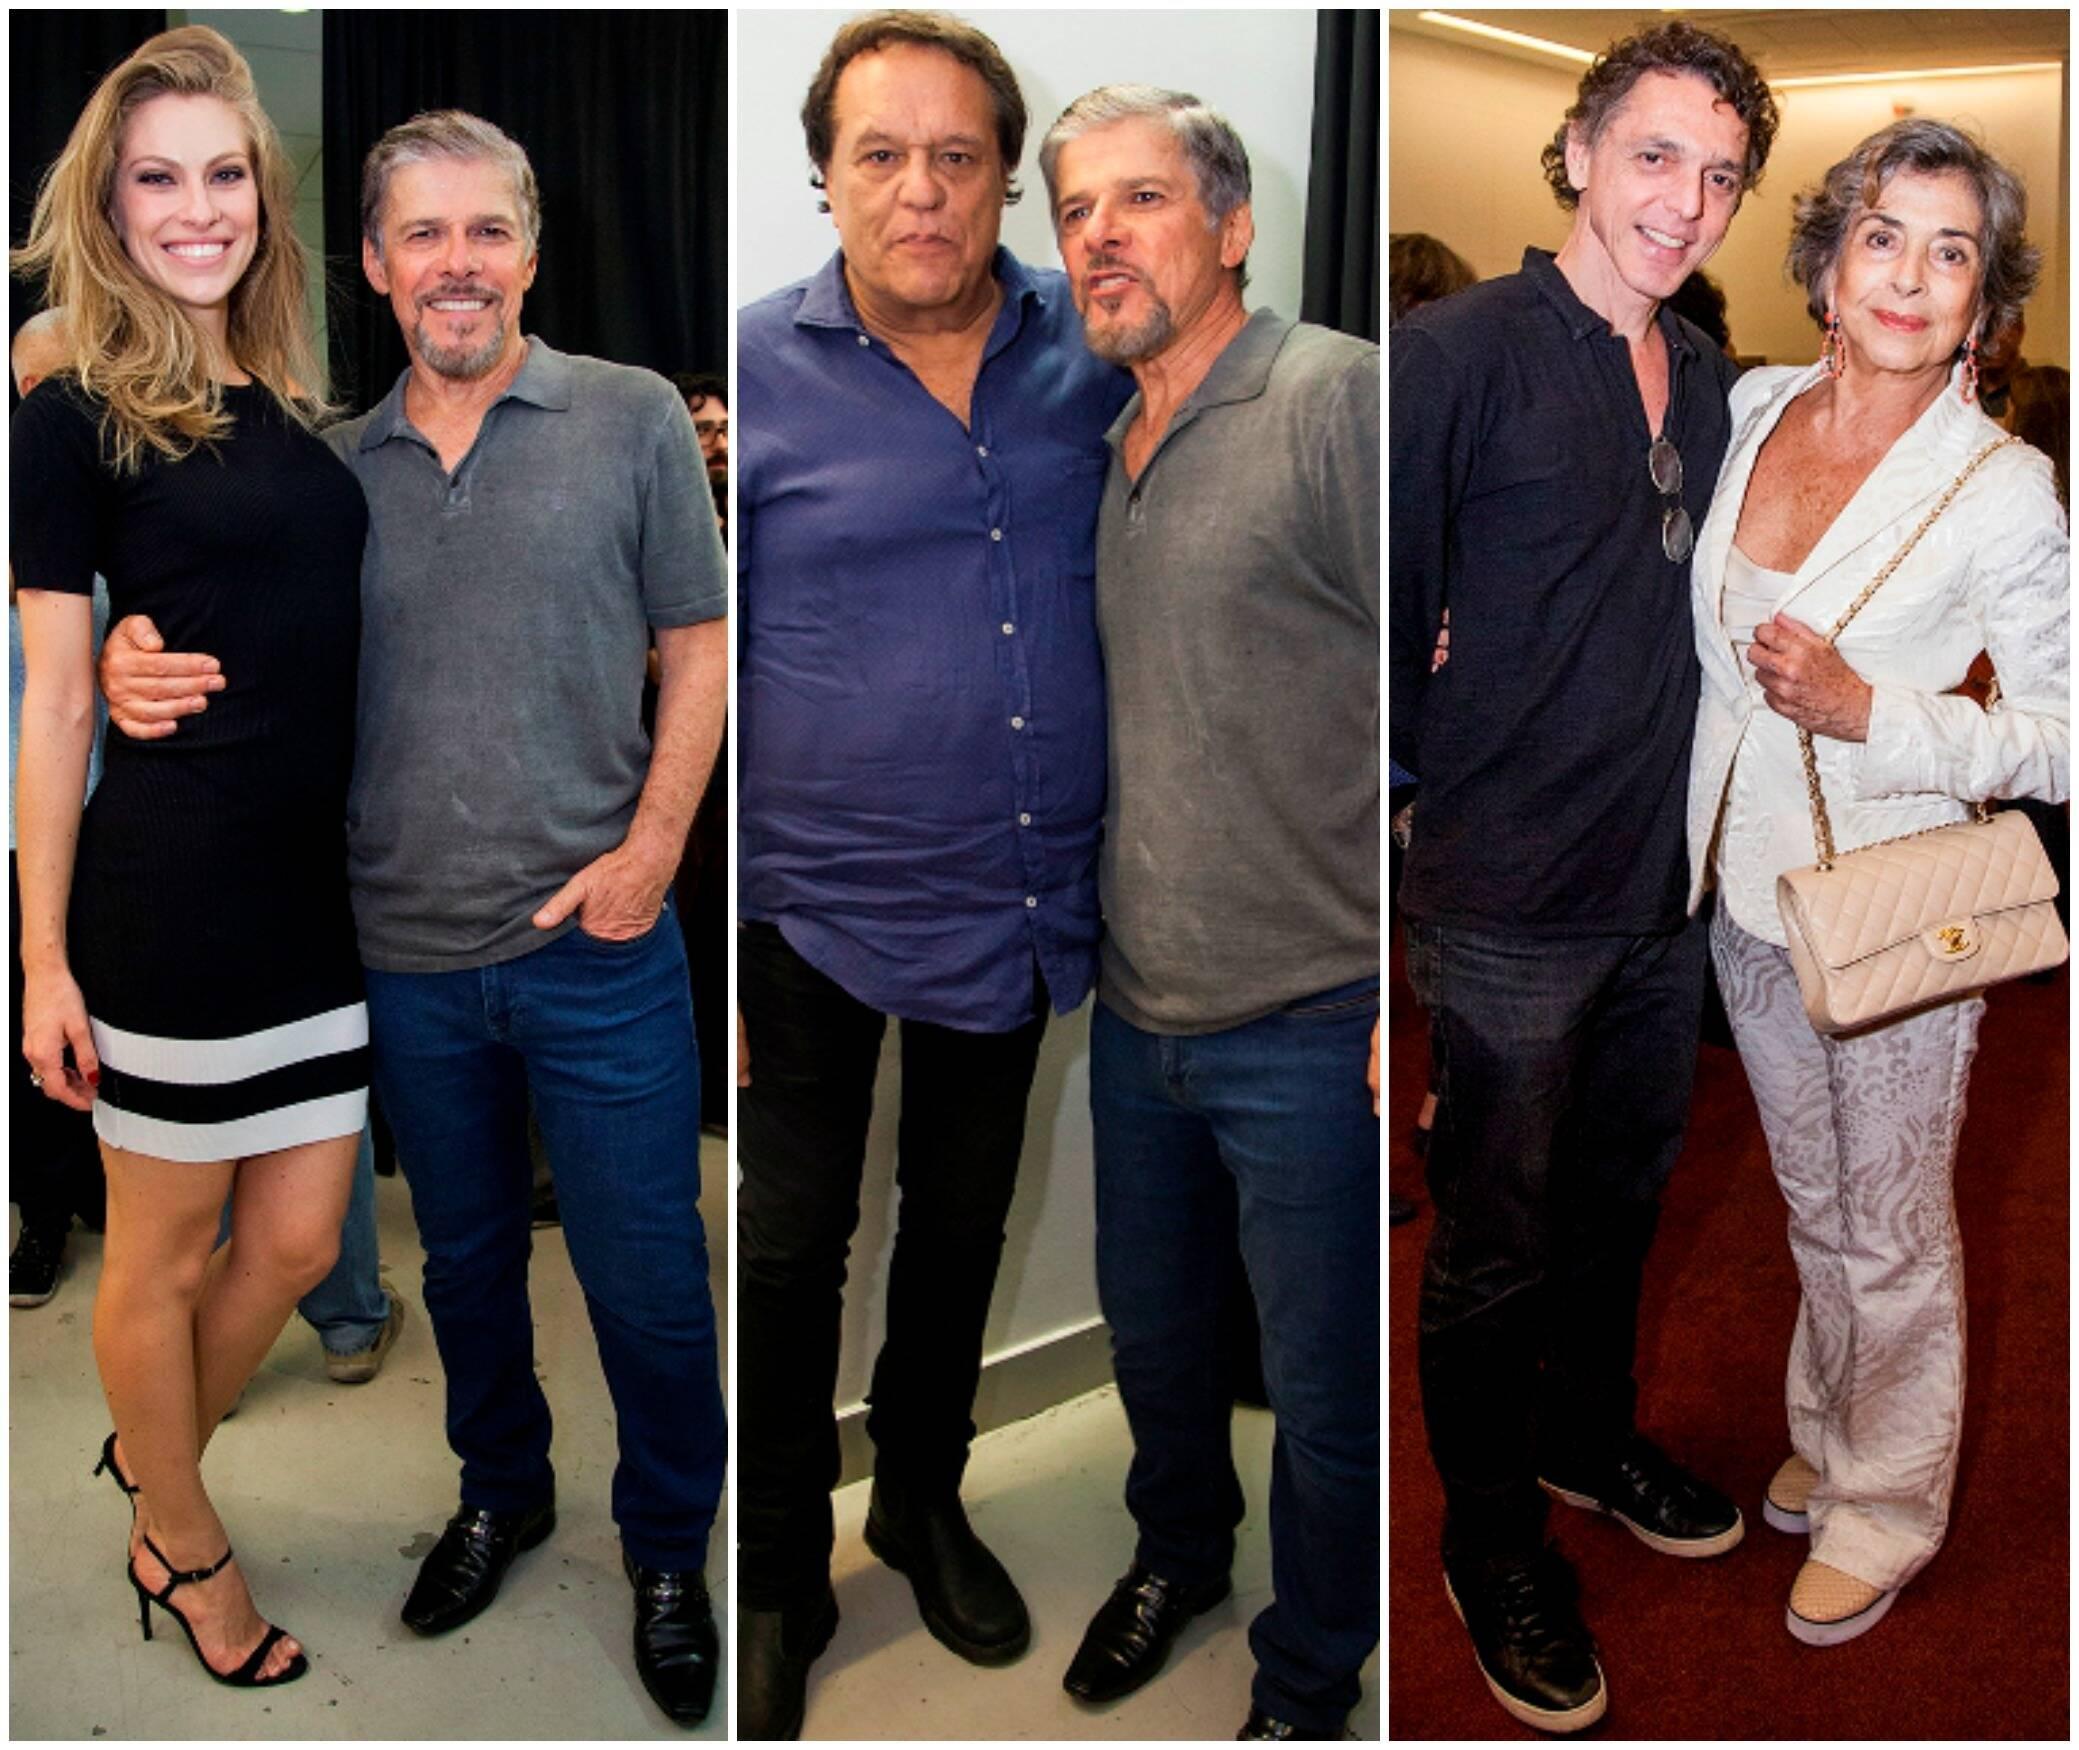 Lana Rhodes, atriz da peça, e José Mayer; Dennis Carvalho e José Mayer; Guilherme Leme e Betty Faria / Fotos: Artur Garção